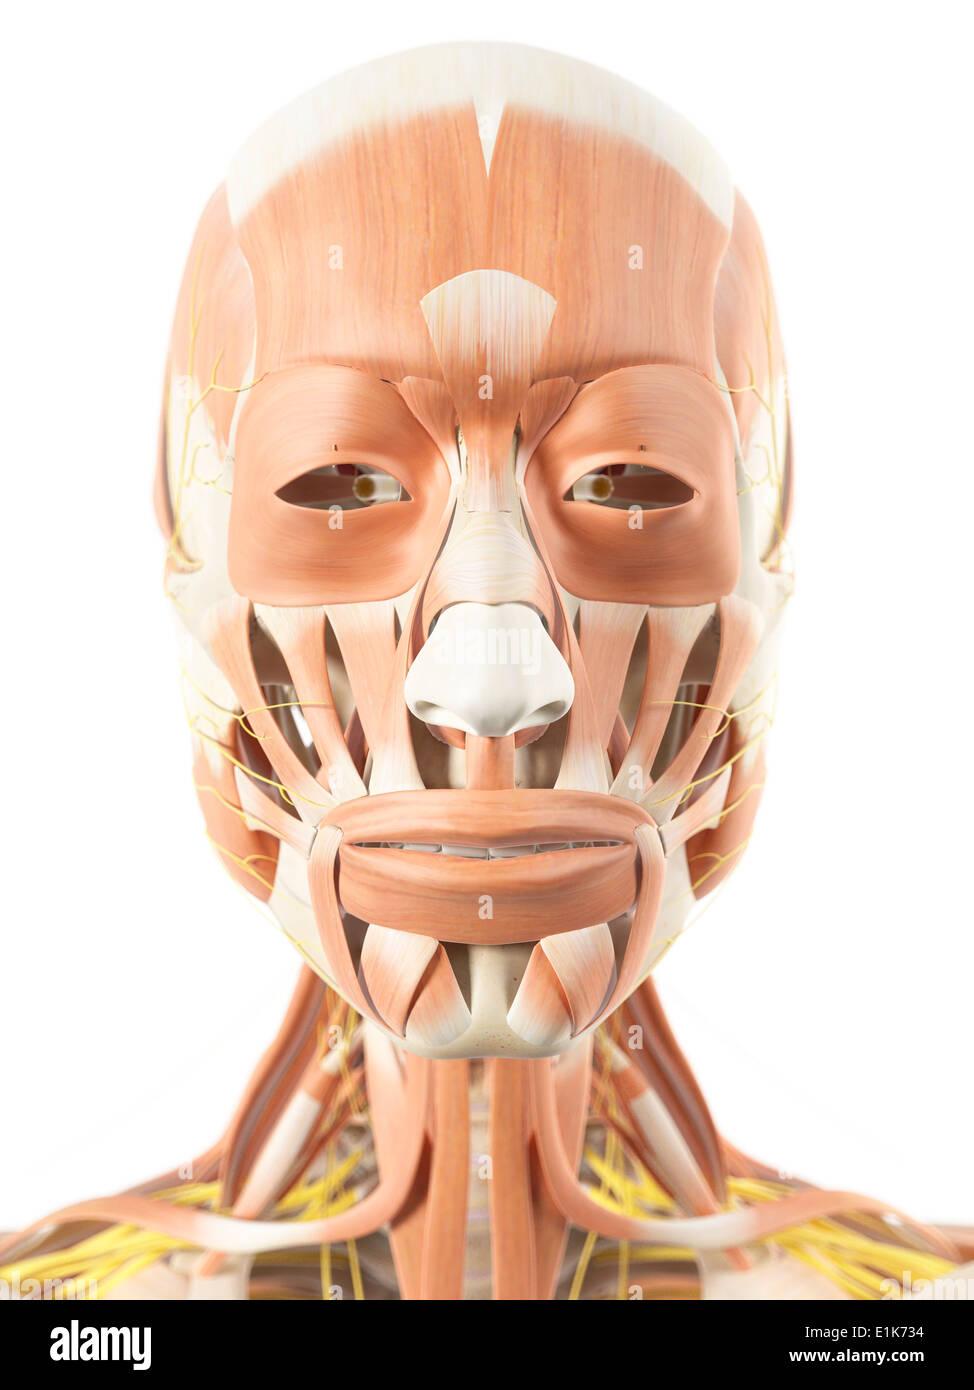 Fantastisch Muskeln Des Gesichts Galerie - Menschliche Anatomie ...